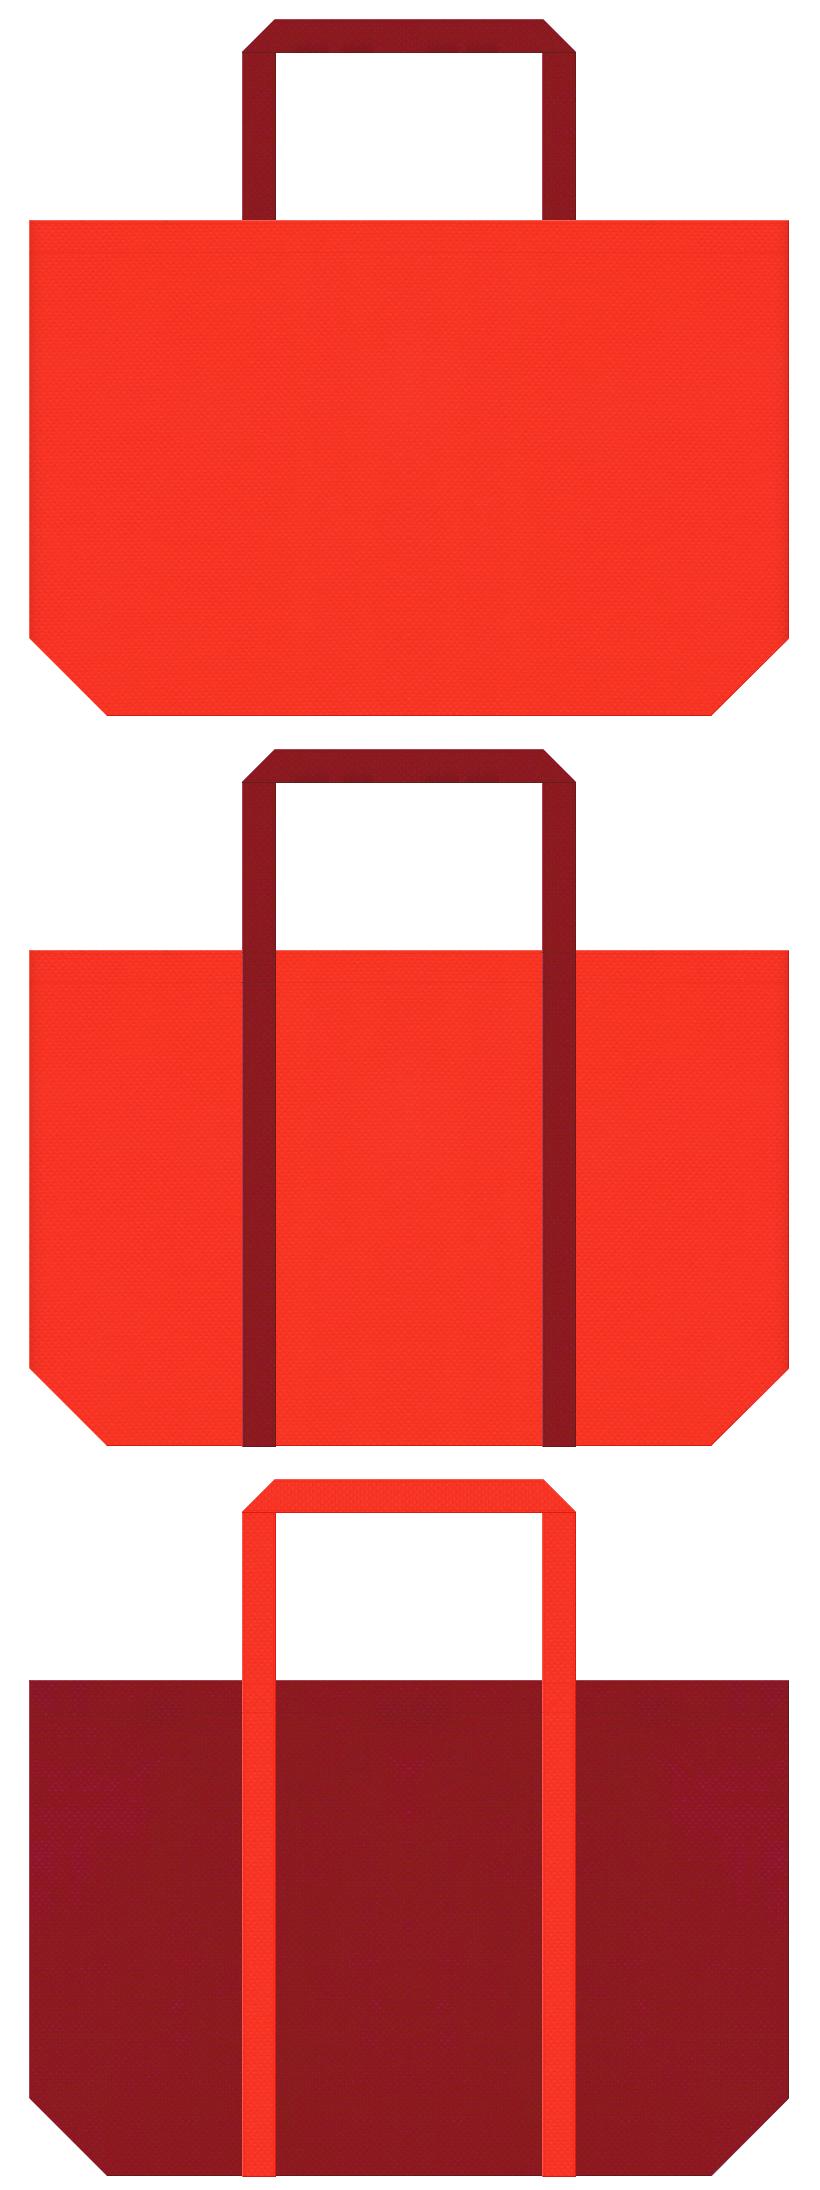 アウトドア・バーベキュー・ランタン・キャンプ用品・スポーツイベント・スポーツバッグ・紅葉・観光・秋のイベントにお奨めの不織布バッグデザイン:オレンジ色とエンジ色のコーデ